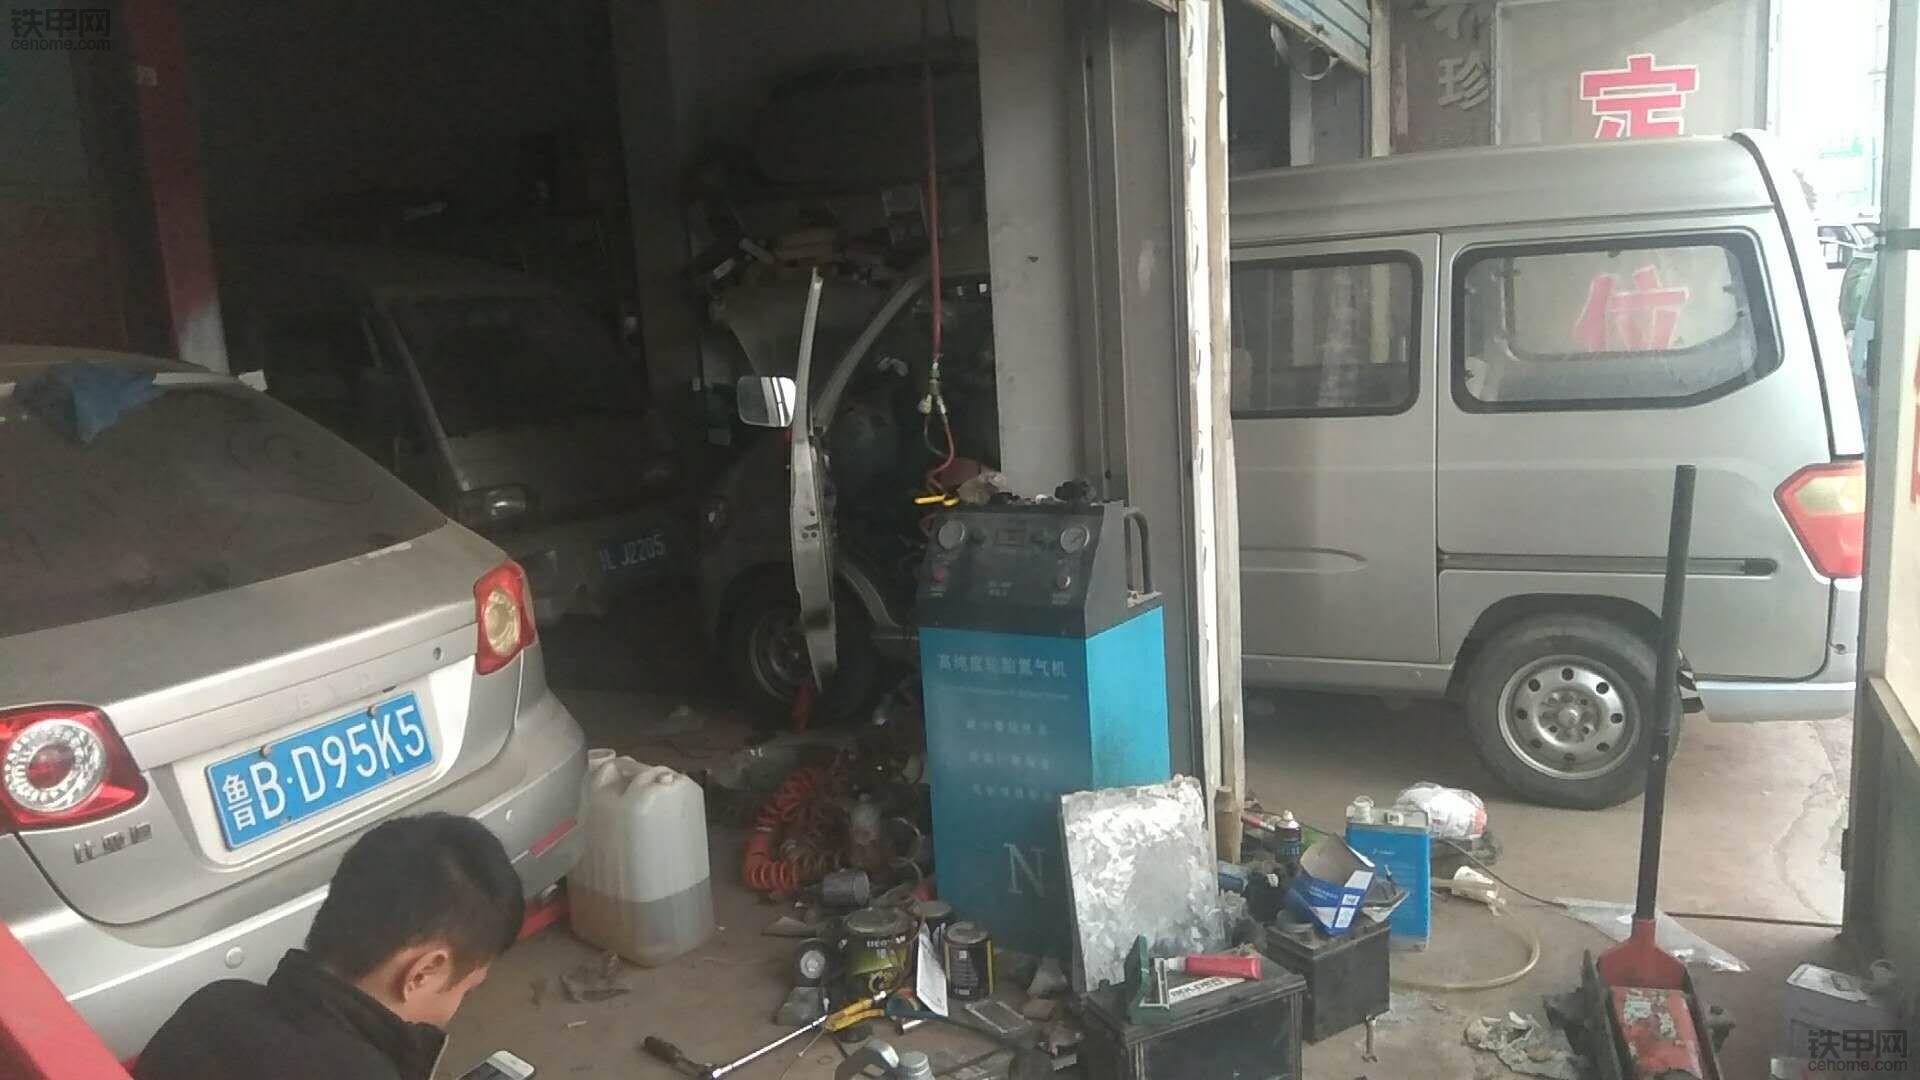 献给转行的工程机械人!我开了家汽车修理店 回忆难忘的工程机械生涯